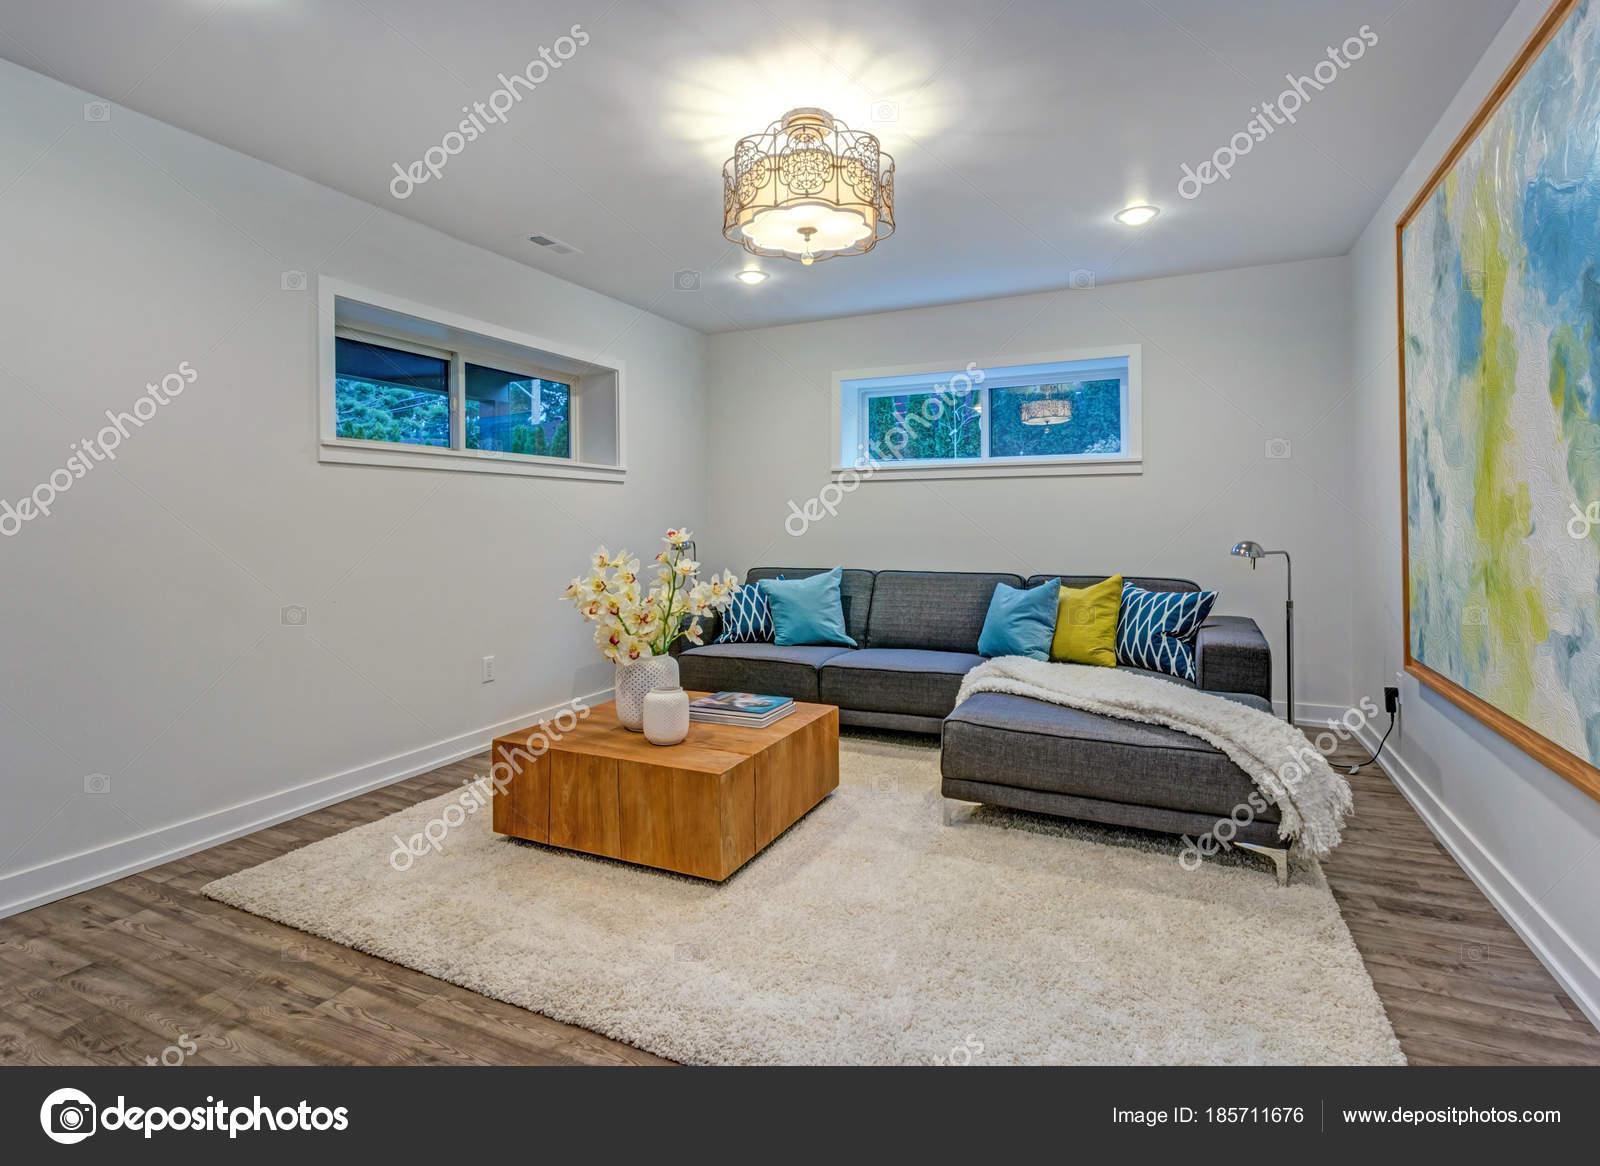 Helle moderne Familienzimmer Interieur mit blauen Kissen auf dem ...